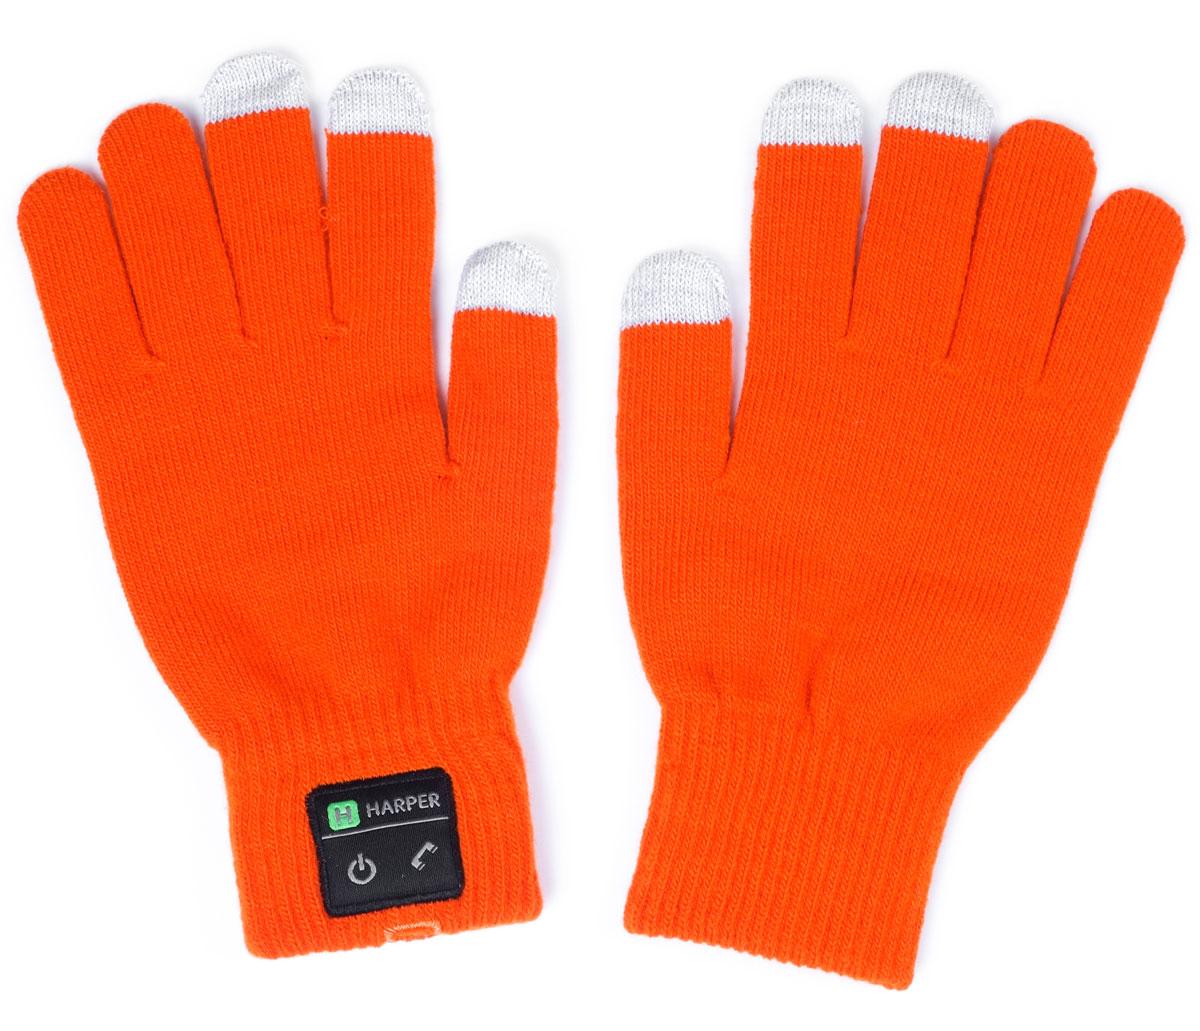 Harper HB-503, Orange перчатки с Bluetooth-гарнитуройH00000923Перчатки Harper HB-503 с Bluetooth-гарнитурой. В основе используется качественный материал, состоящий из акрила - 84%, спандекса - 10%, полиэстра - 6%. Аккуратная пряжа, шерсть не раздражает руки, без посторонних запахов. Неплохо согревают в зимнее время. В перчатках можно управлять устройством, не снимая их. Динамик расположен в большом пальце левой перчатки, а микрофон в мизинце. Модуль с двумя механическими кнопками (включение и ответ на вызов) находится на боковой части. Для того чтобы не пропустить входящий вызов, в конструкции корпуса предусмотрена вибрация.Размер: L